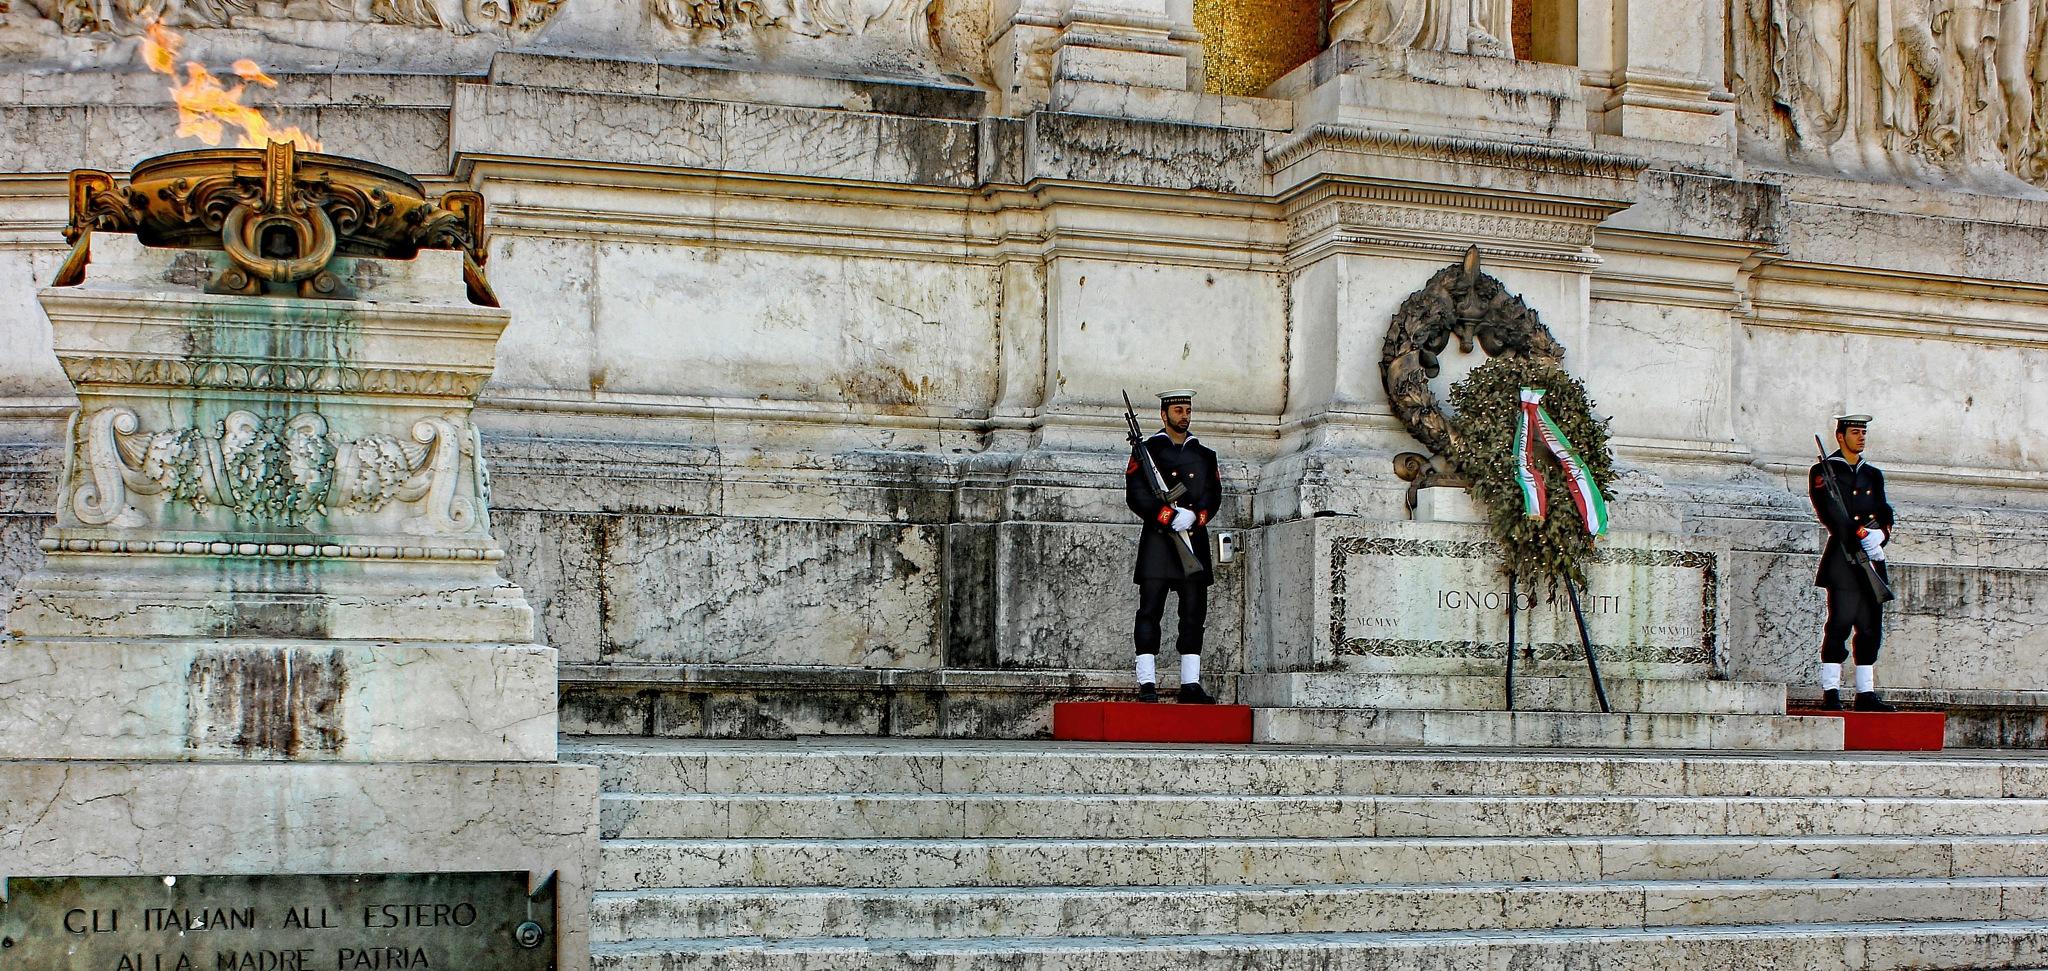 Altare della Patria by silvestro cappellini